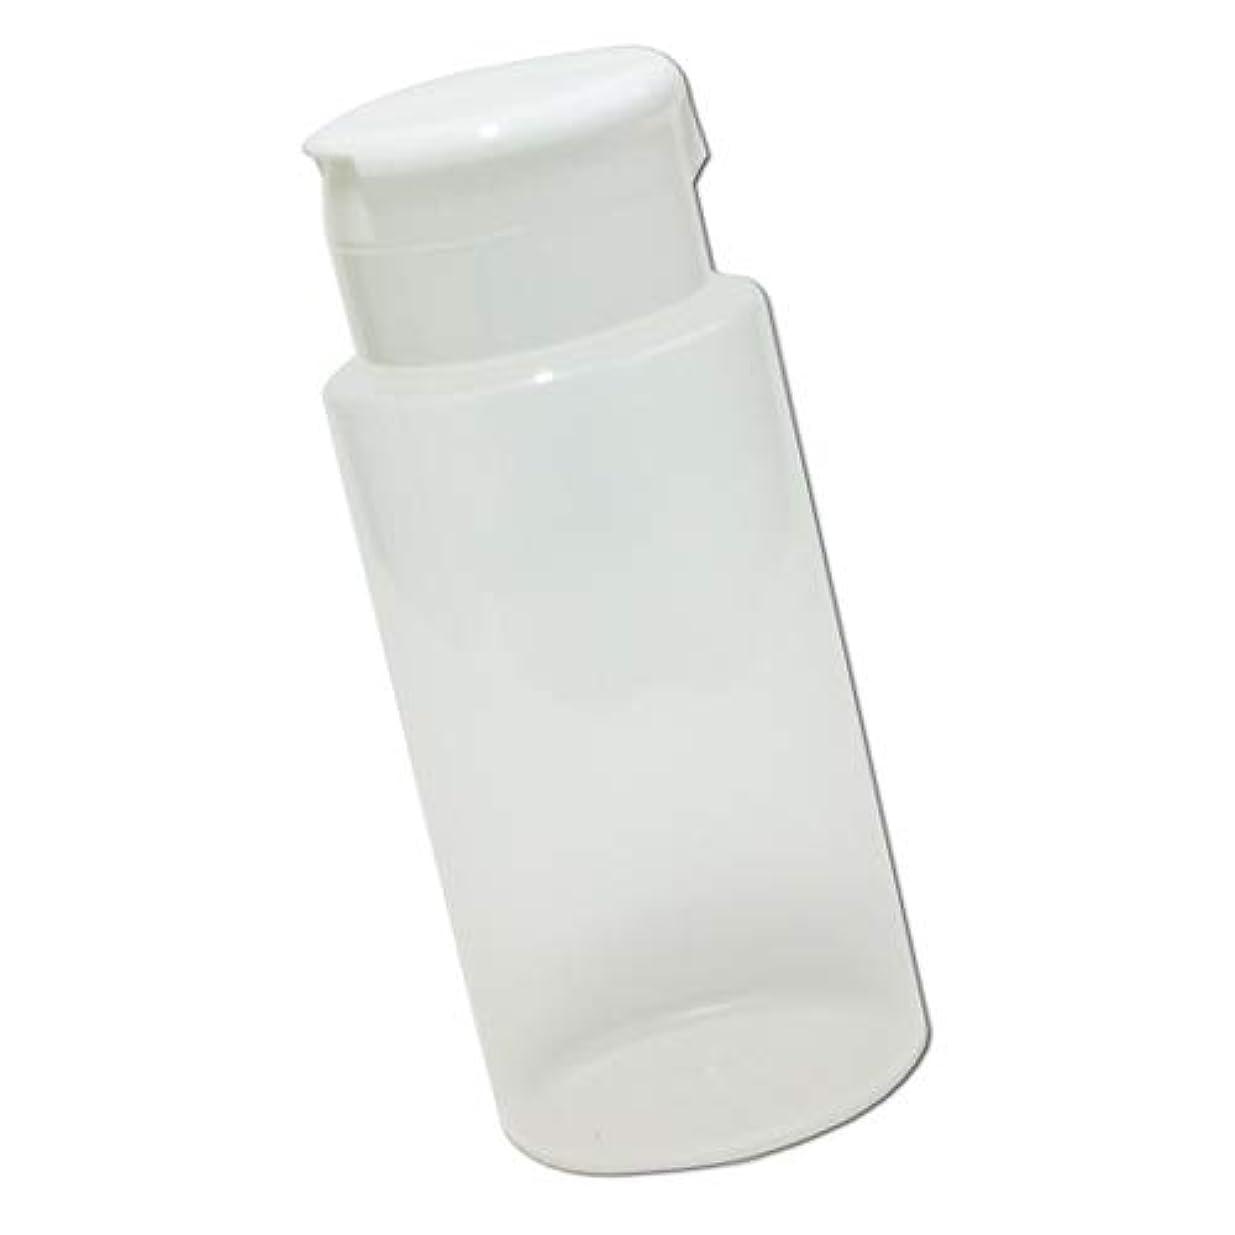 リル欠席ラバワンタッチキャップ詰め替え容器370ml│業務用ローションやうがい薬、液体石鹸、調味料、化粧品の小分けに詰め替えボトル